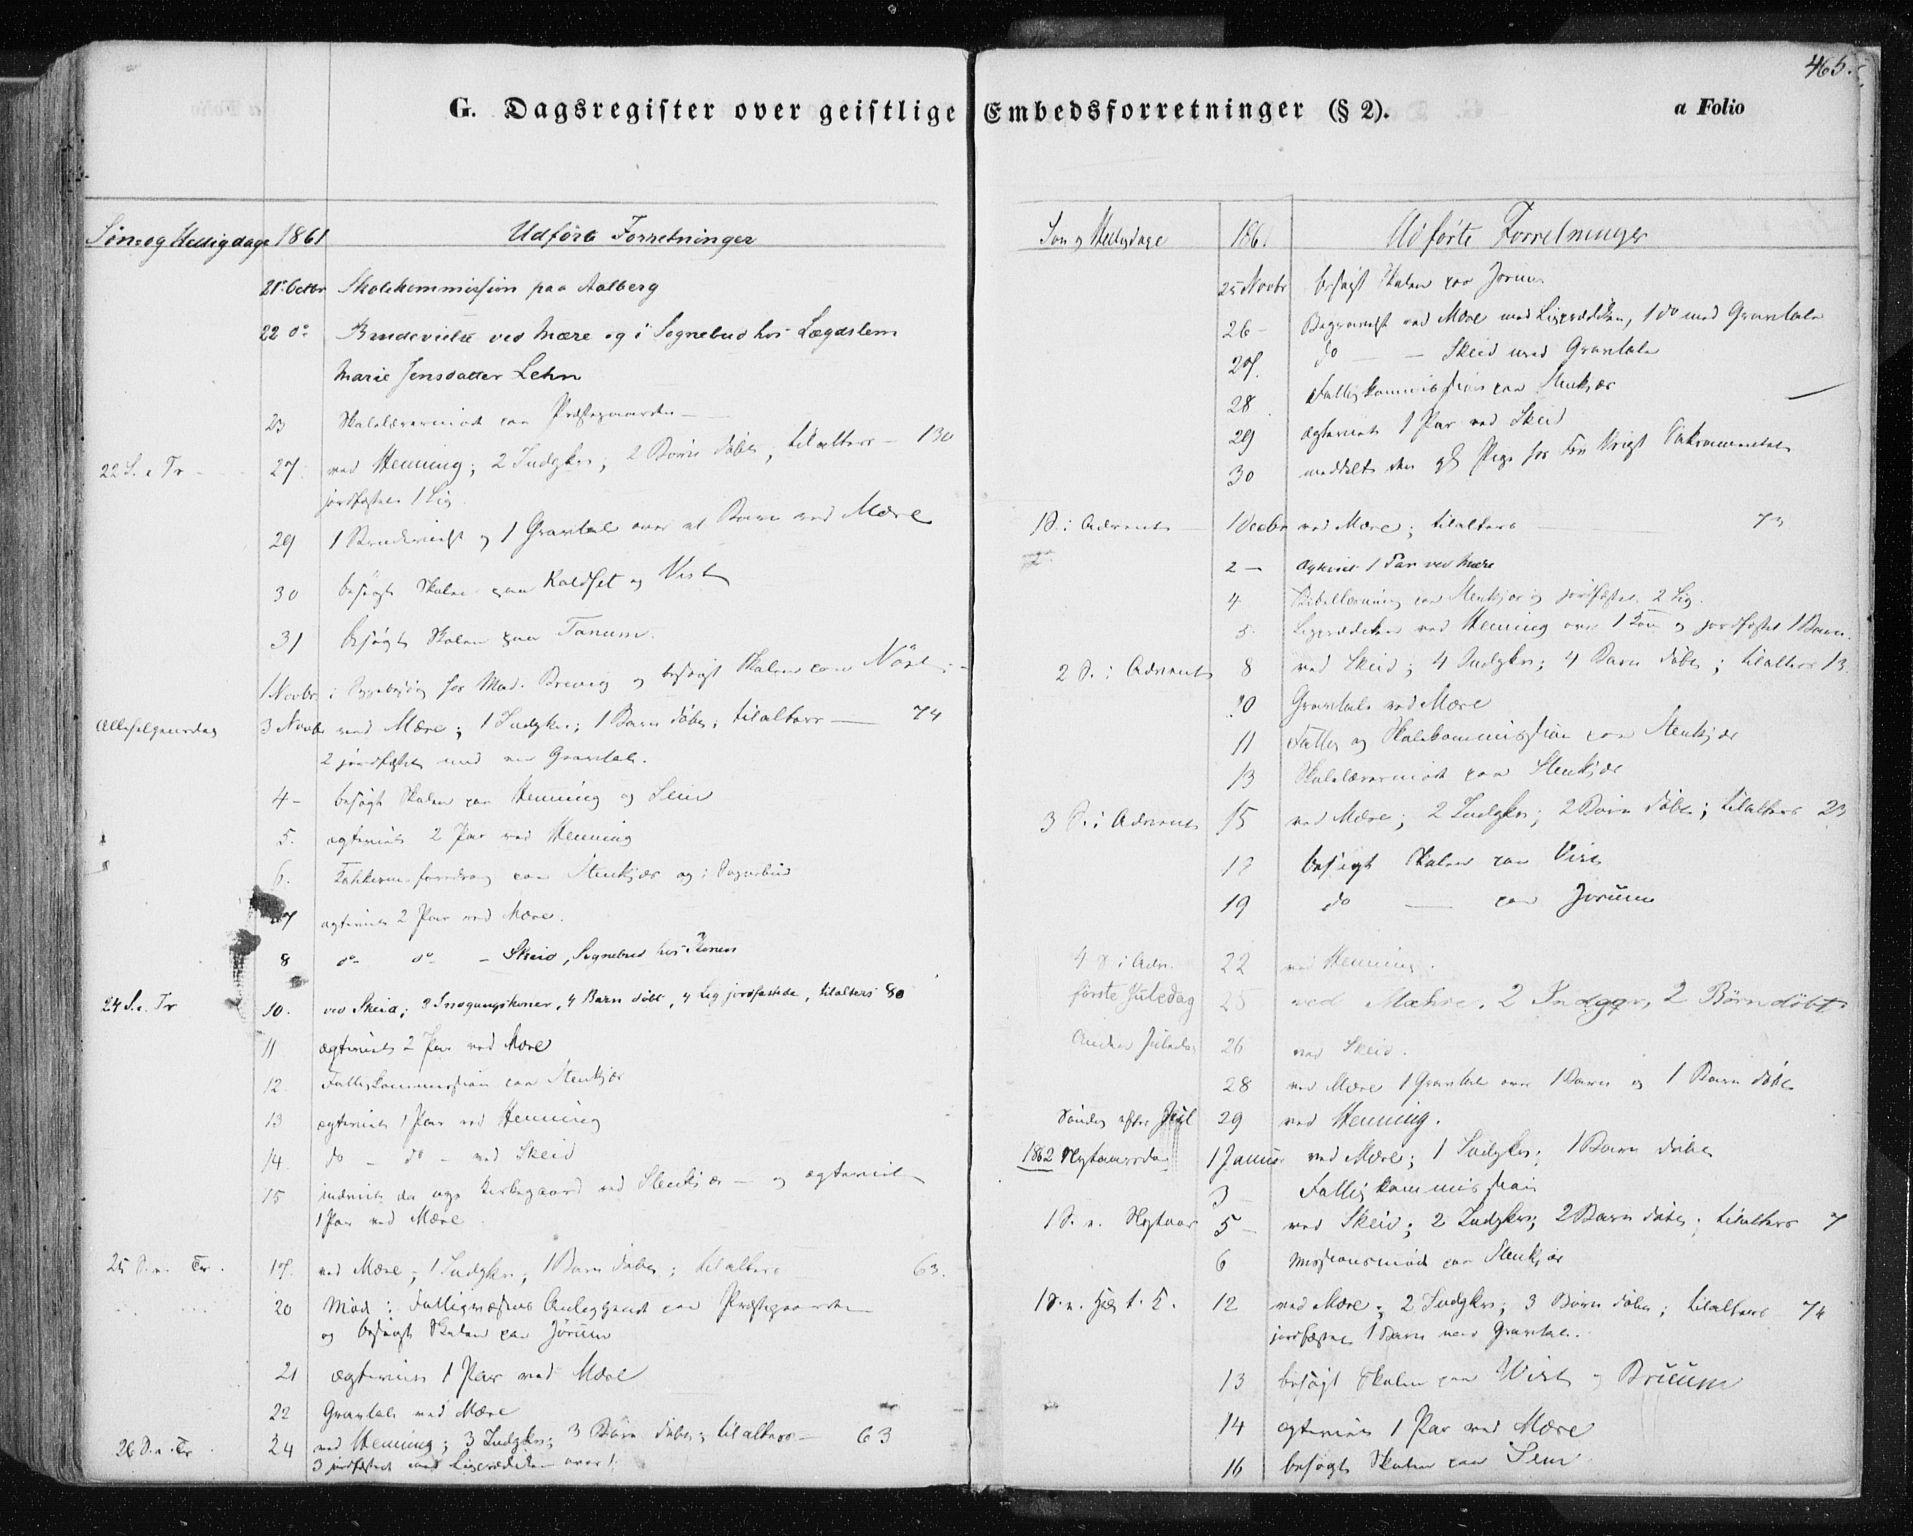 SAT, Ministerialprotokoller, klokkerbøker og fødselsregistre - Nord-Trøndelag, 735/L0342: Ministerialbok nr. 735A07 /1, 1849-1862, s. 465